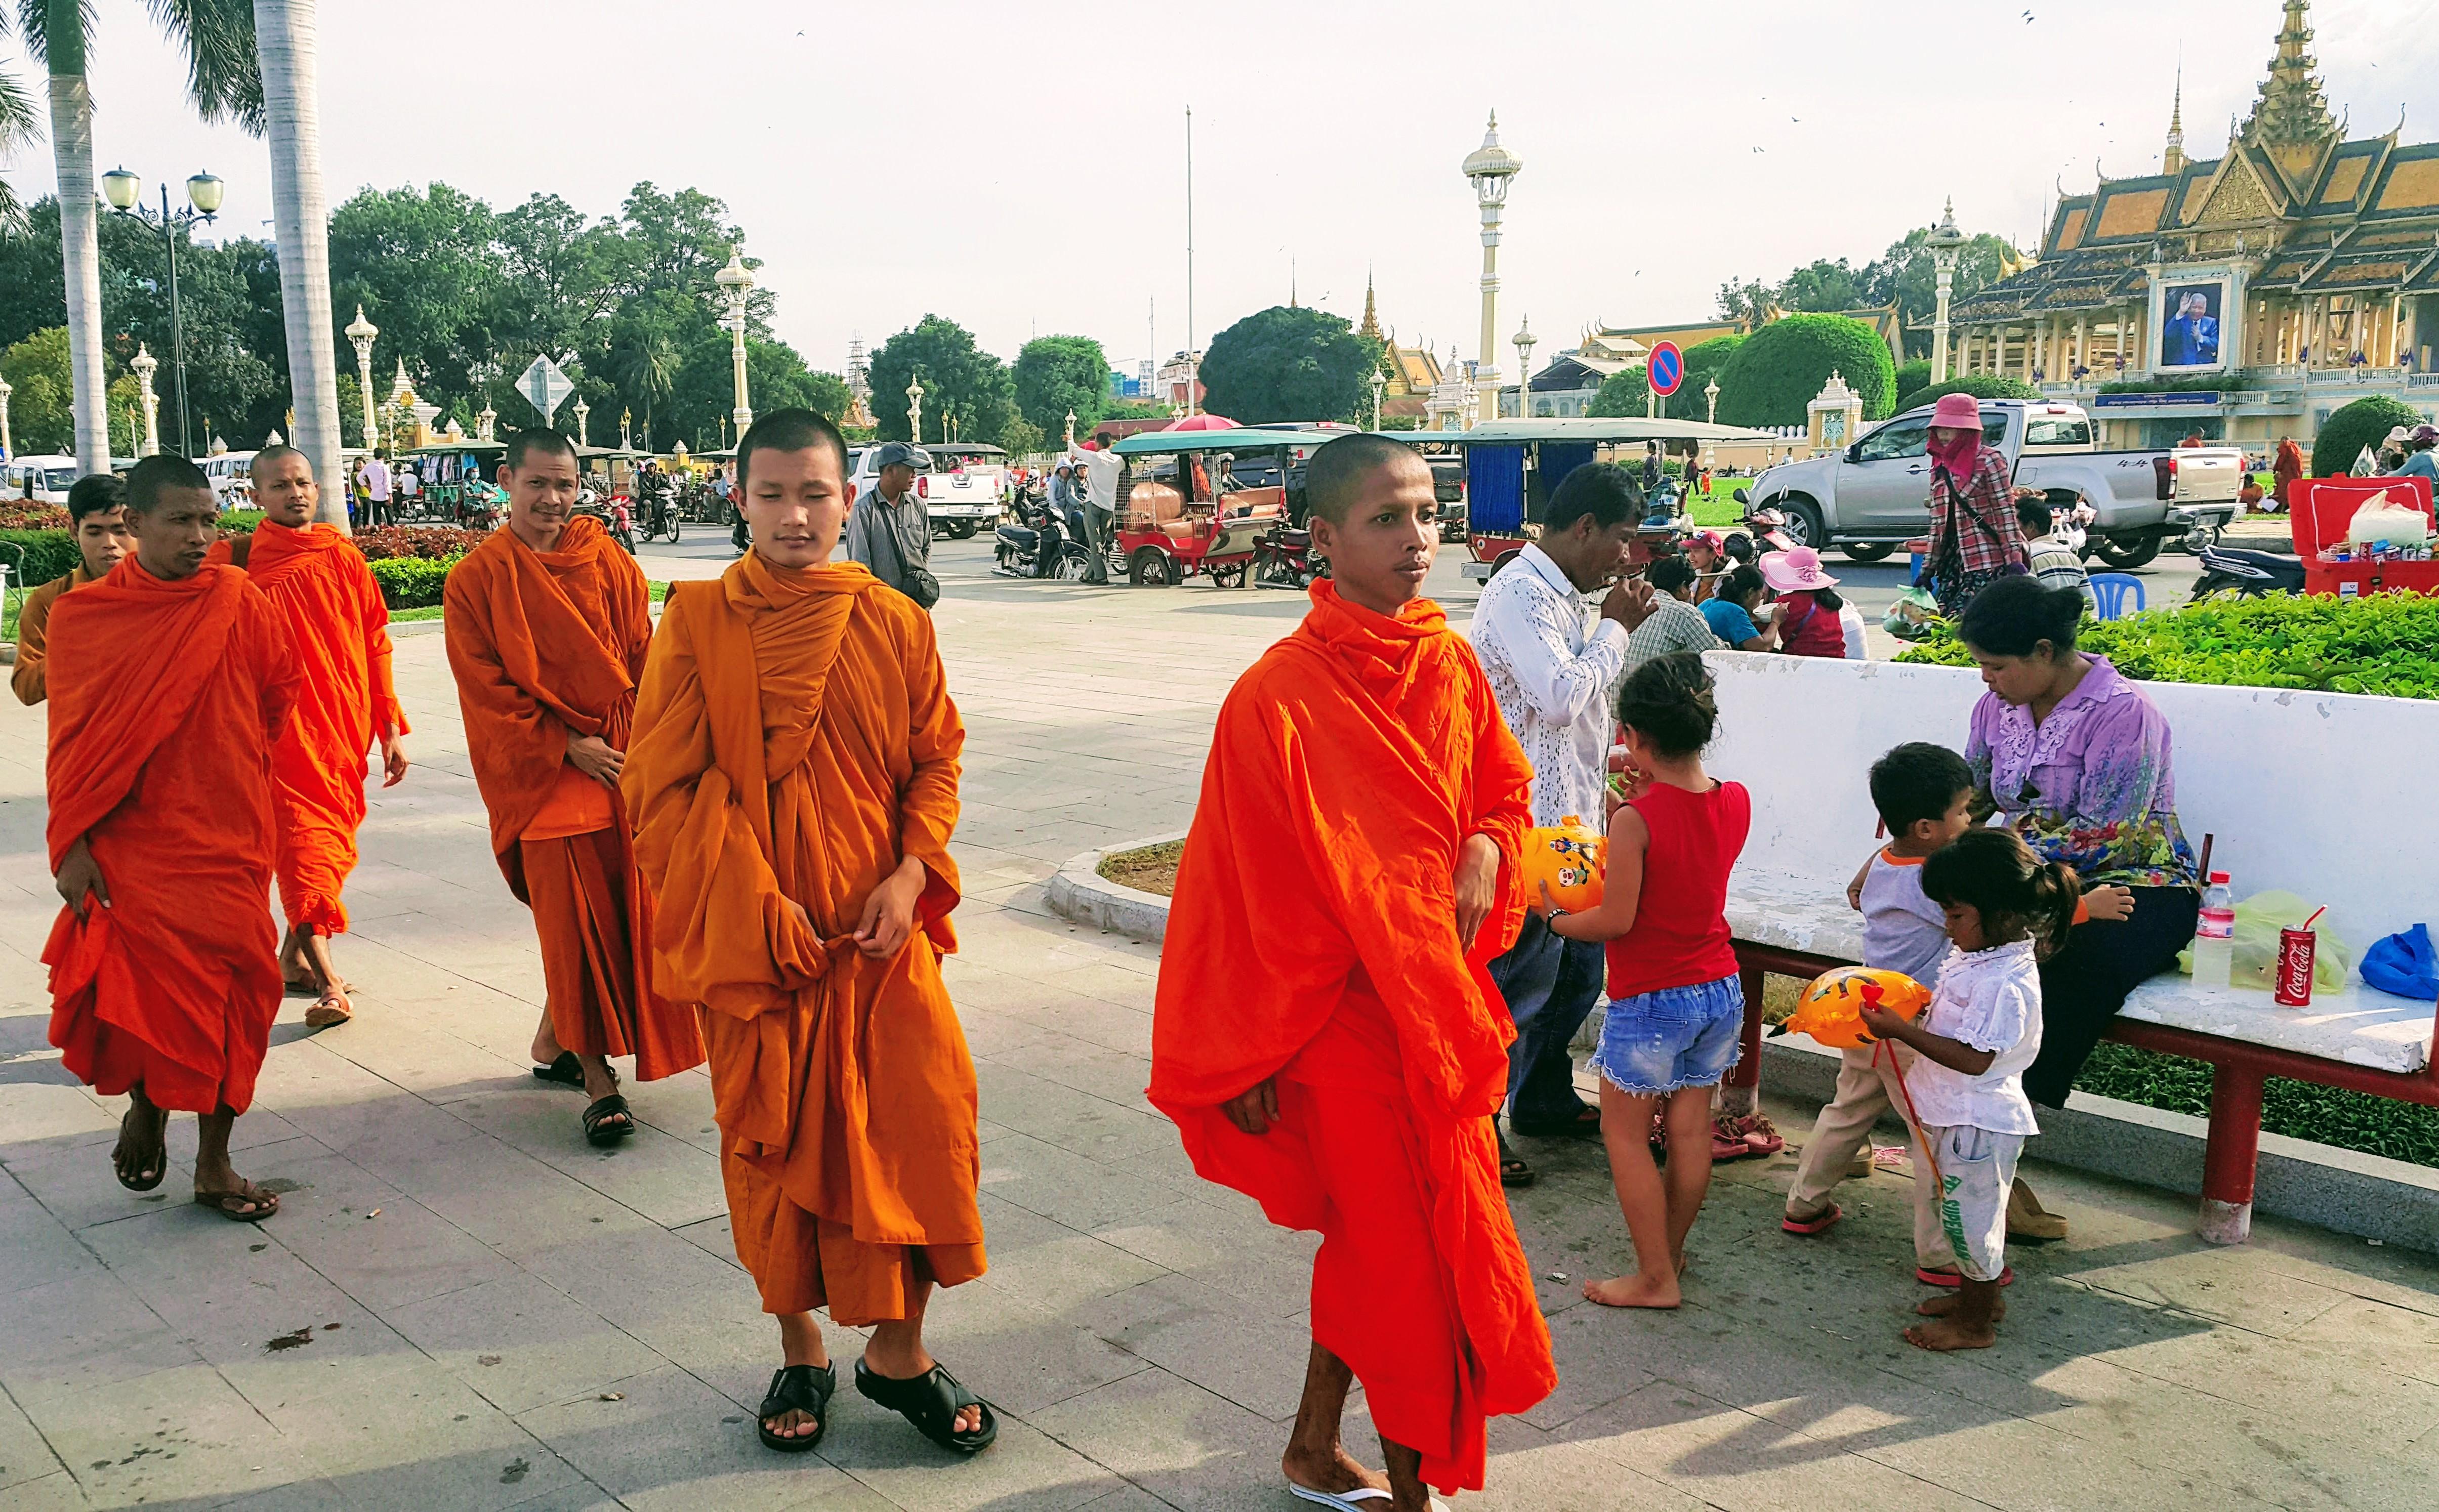 Kraliyet Sarayı Parkı'nda Yürüyen Budist Rahip Öğrencileri